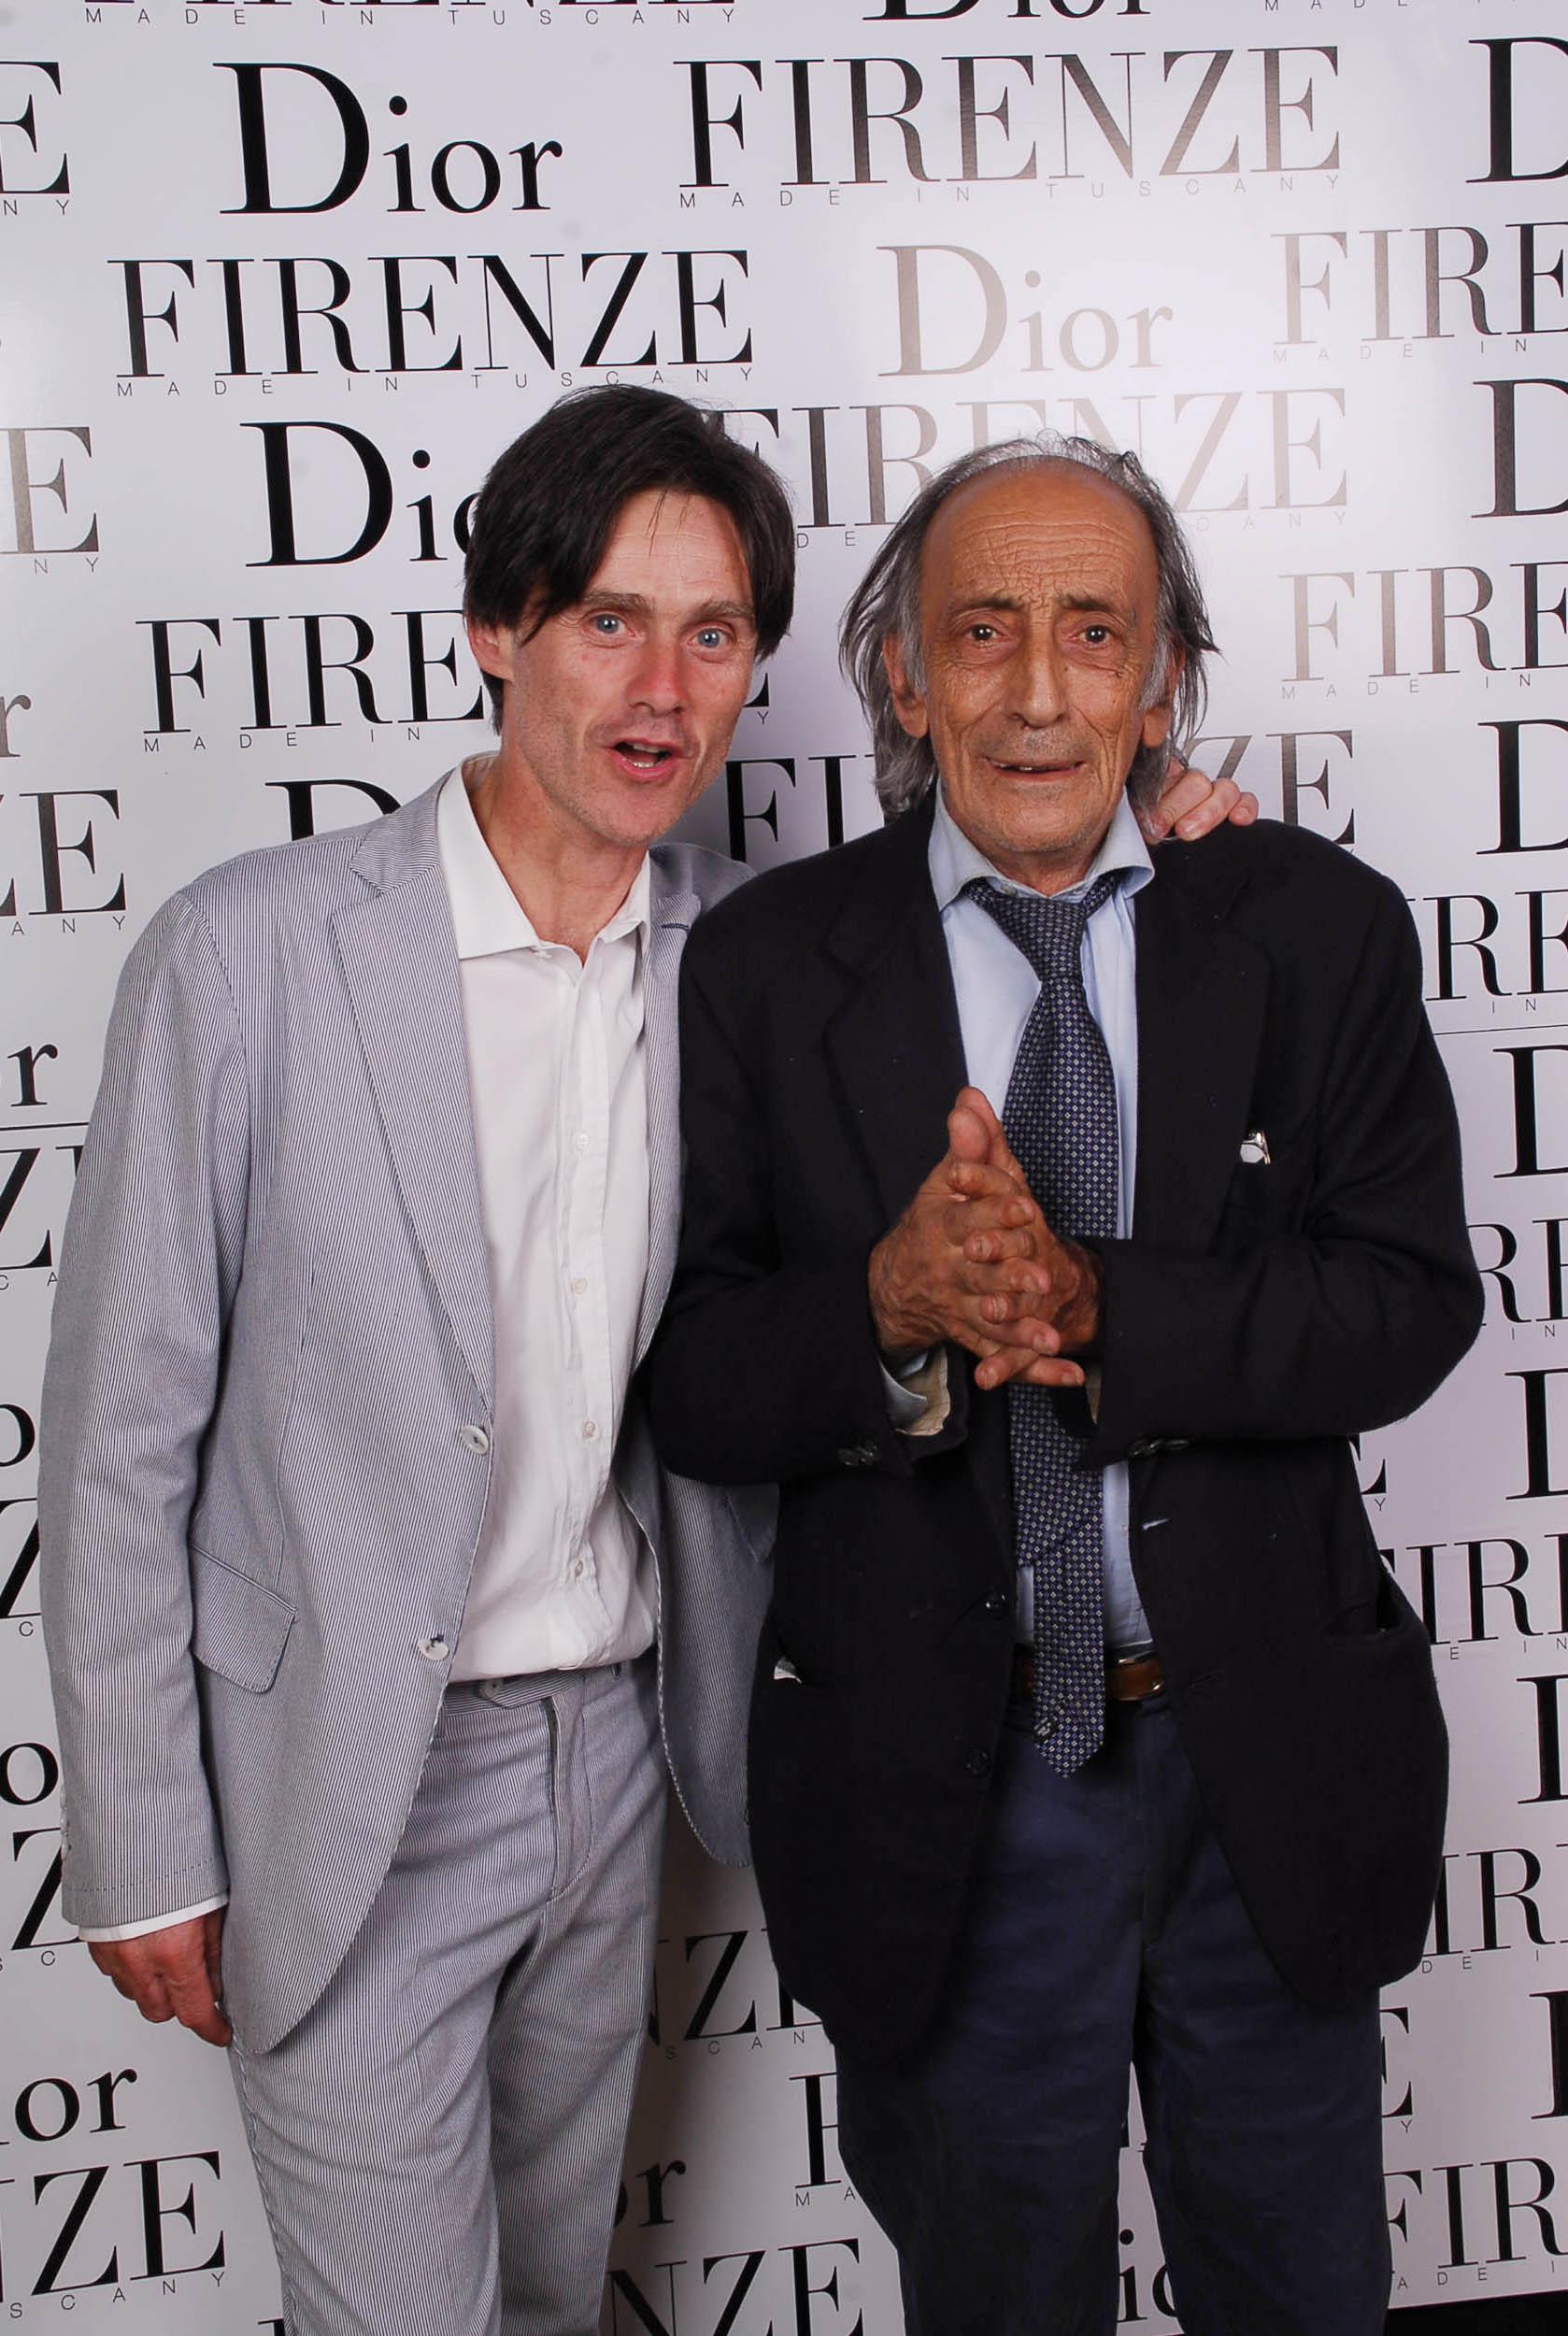 PRESSPHOTO  Firenze, evento Dior al teatro romano di Fiesole. Nella foto Pierfrancesco Listri e Paolo Becattini